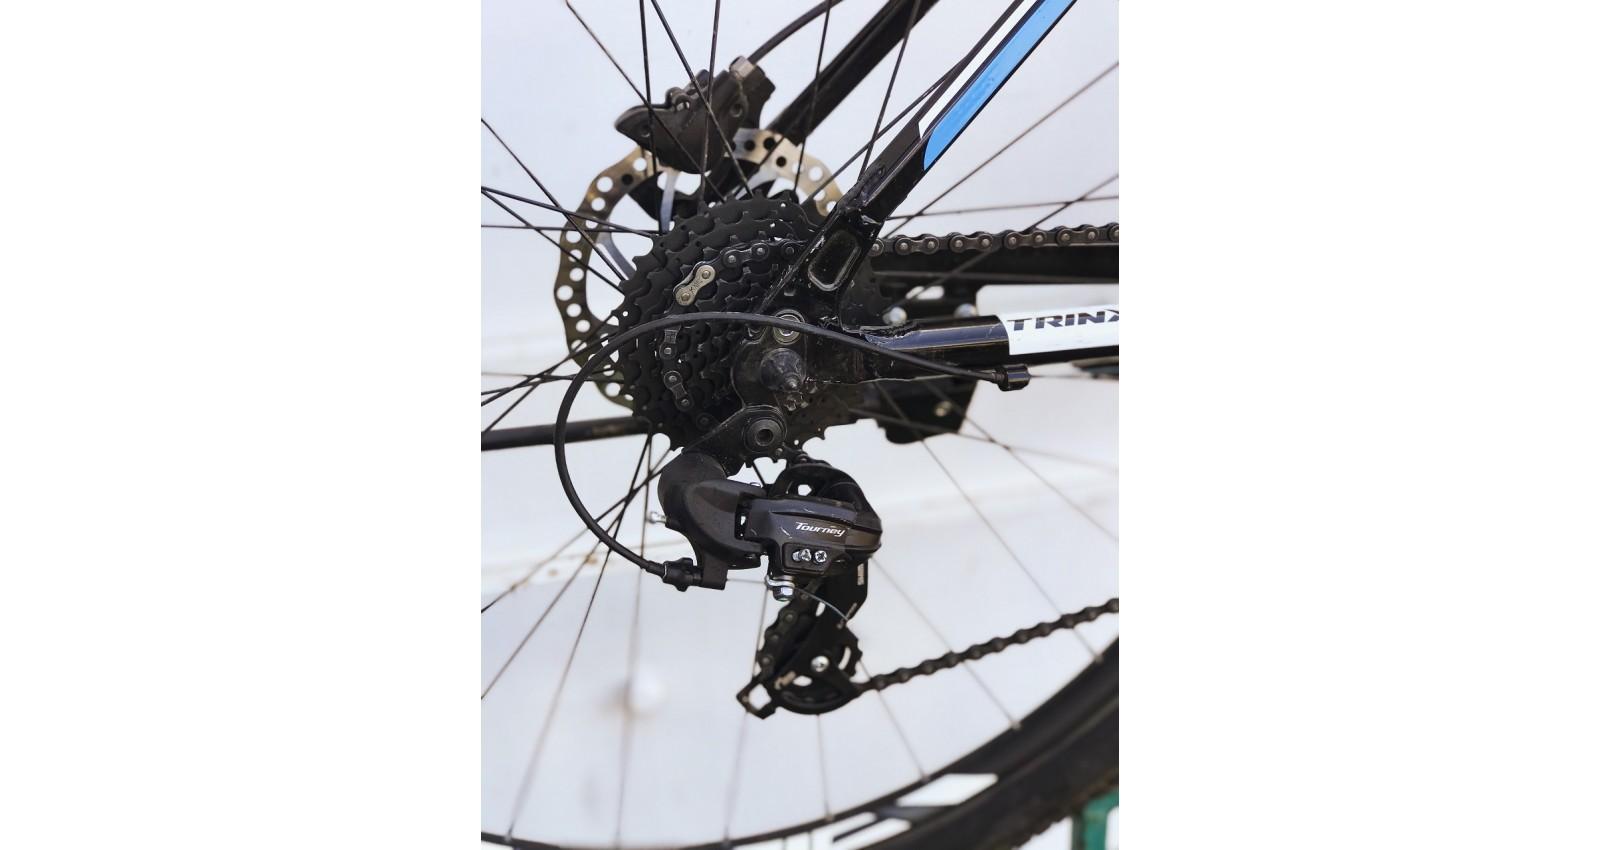 """Велосипед М600 Expert Pro Trinx 29"""" рама 19, 2020  черный/серый/голубой б/у - № Фото 1 - № Фото 2"""